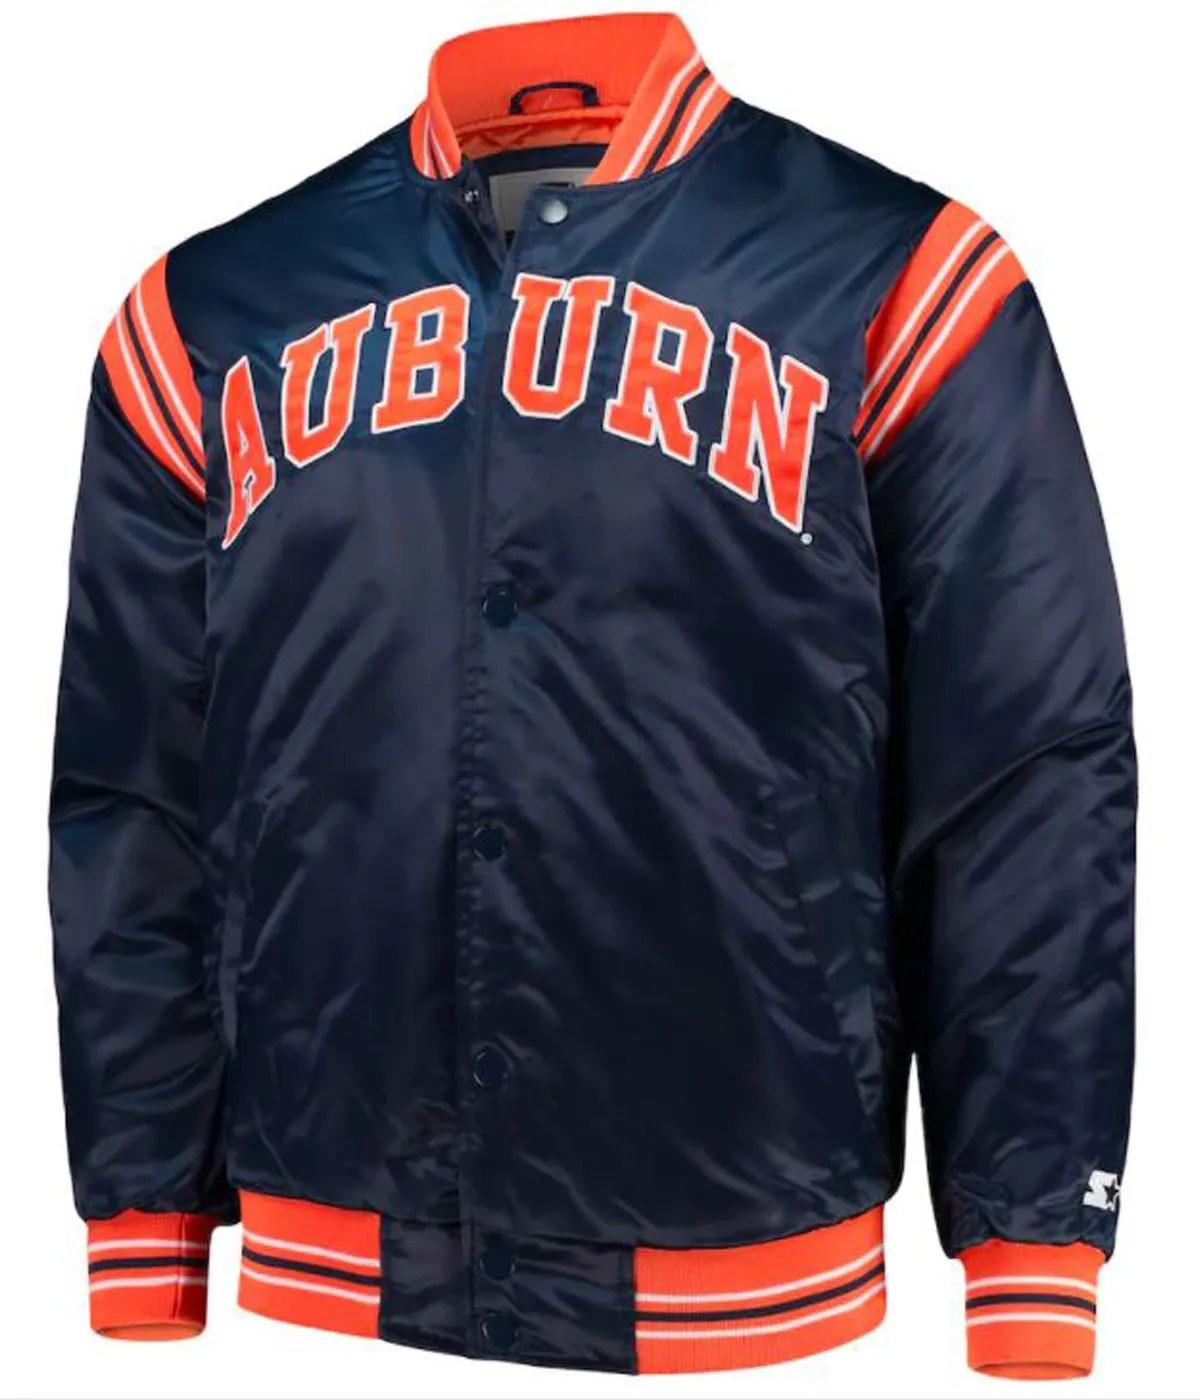 auburn-starter-jacket